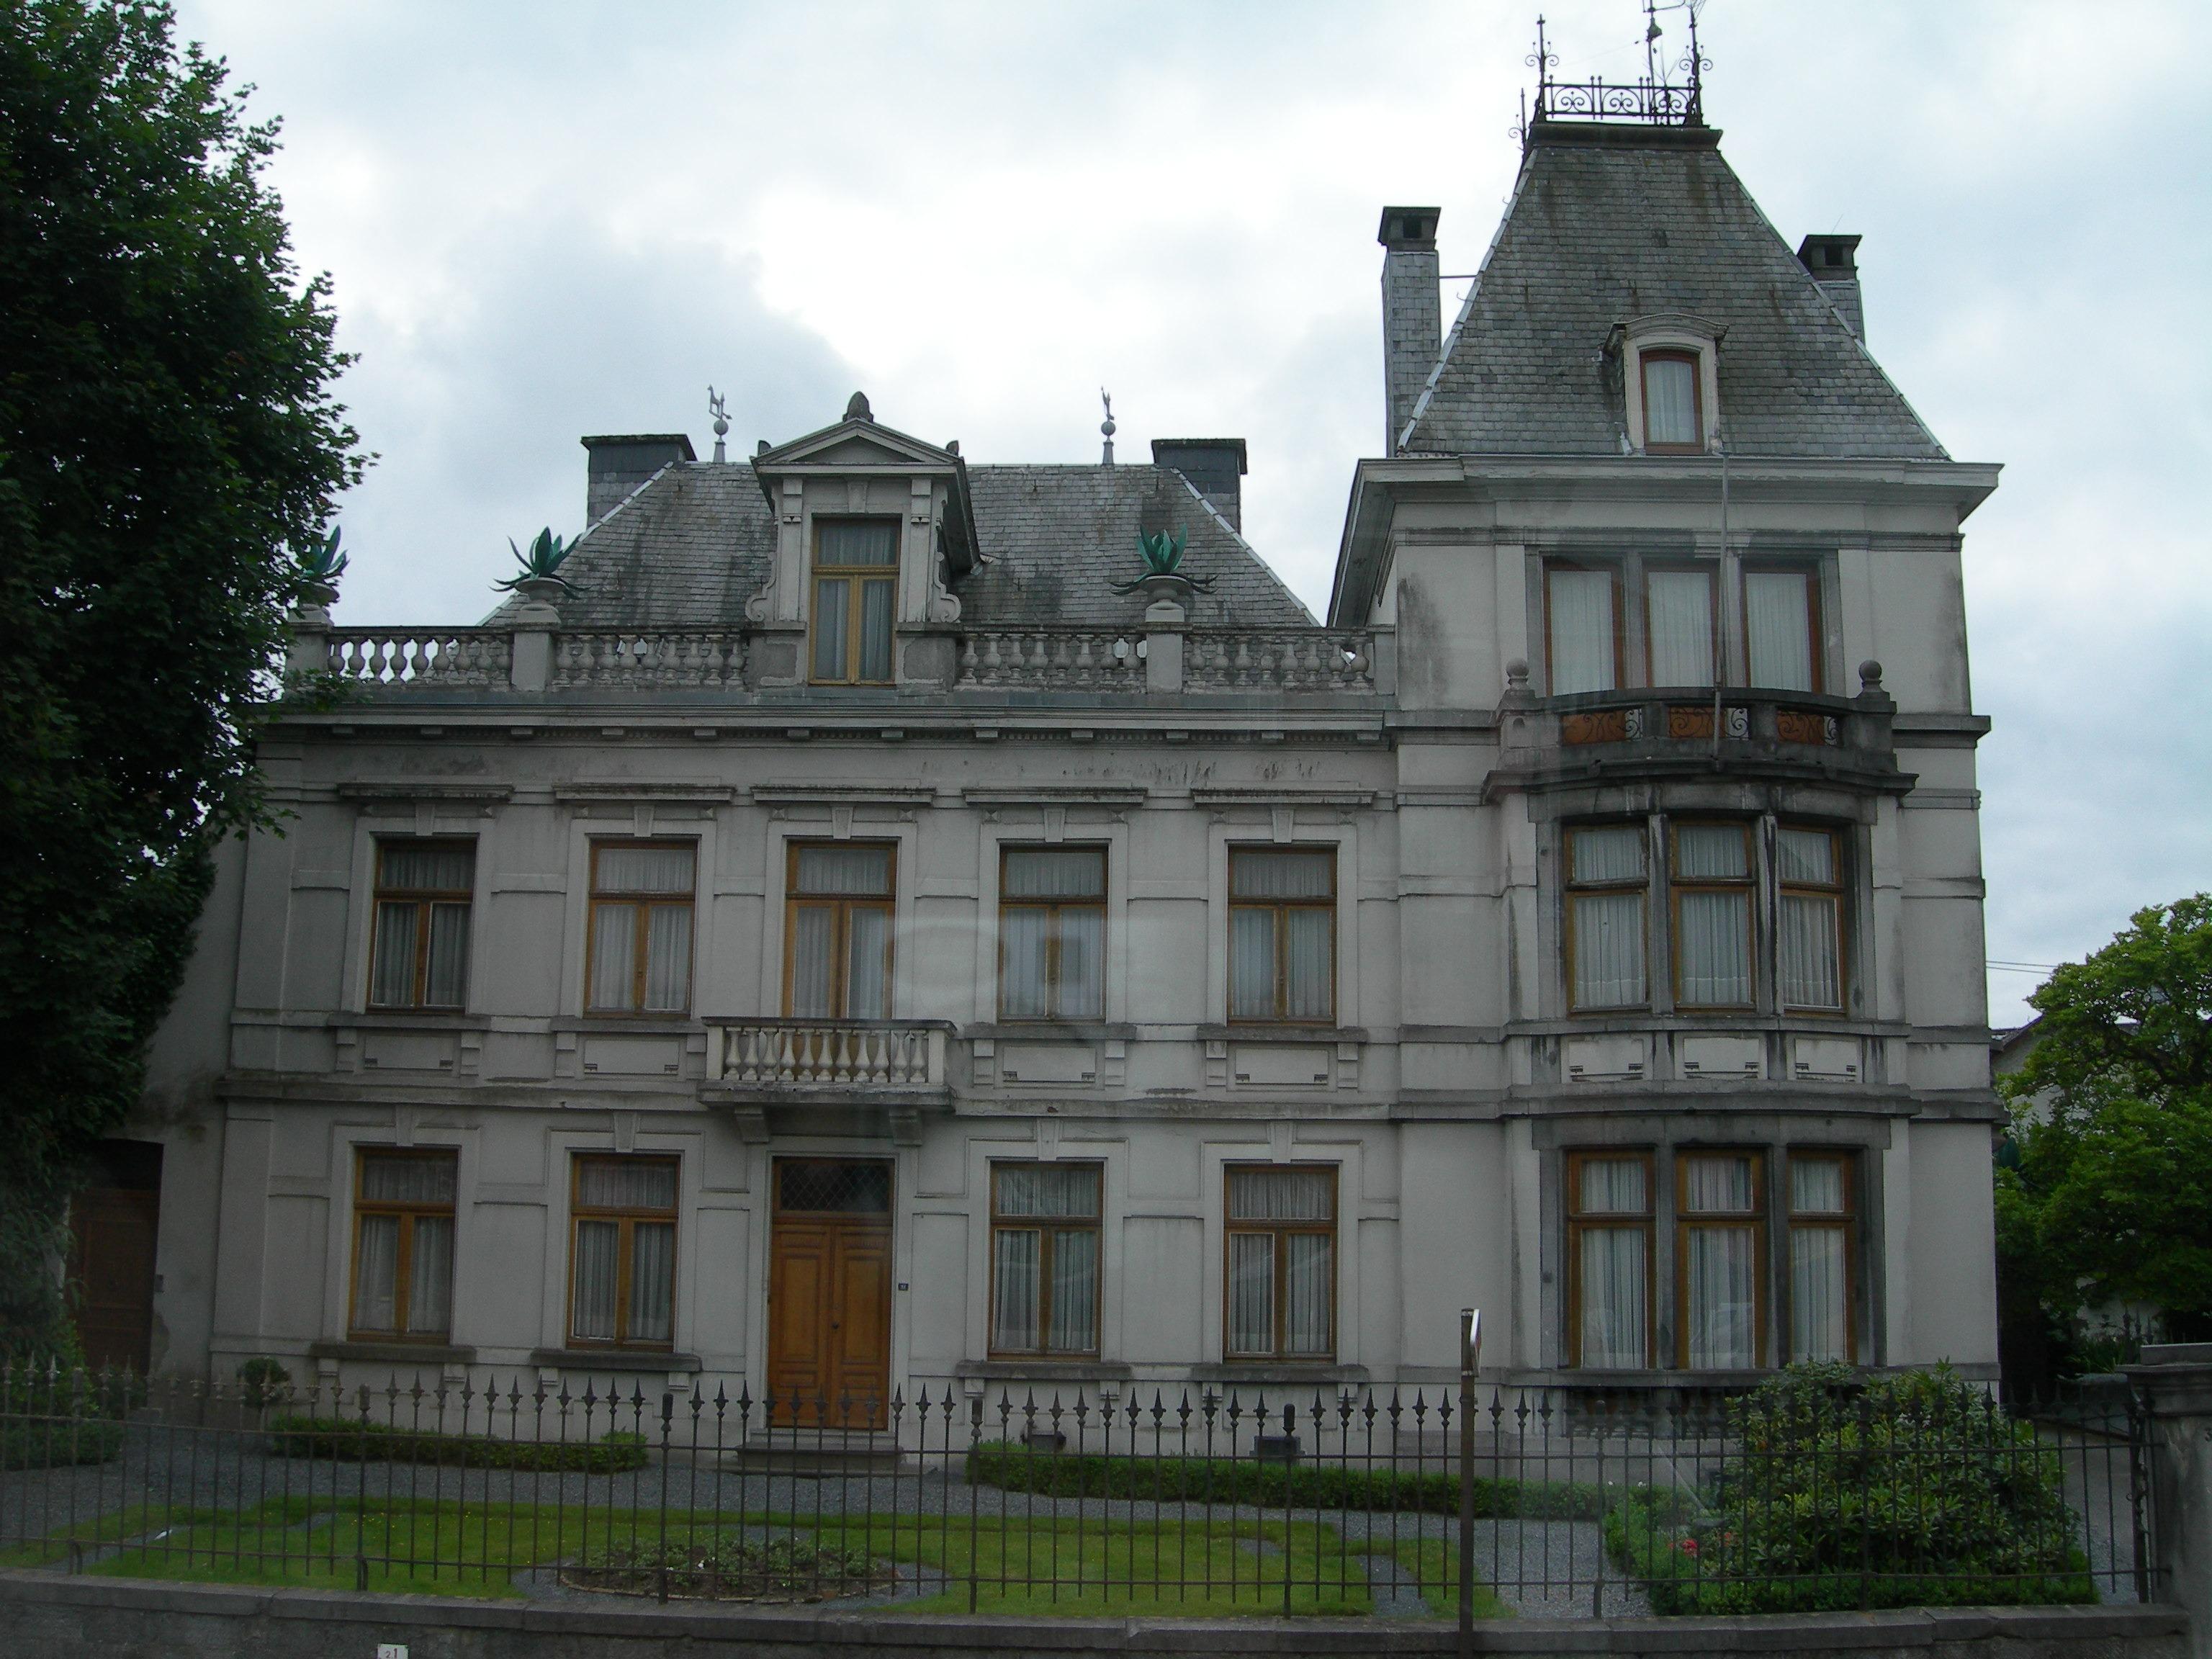 Fotos gratis arquitectura edificio castillo antiguo punto de referencia fachada b lgica for Casa home belgique